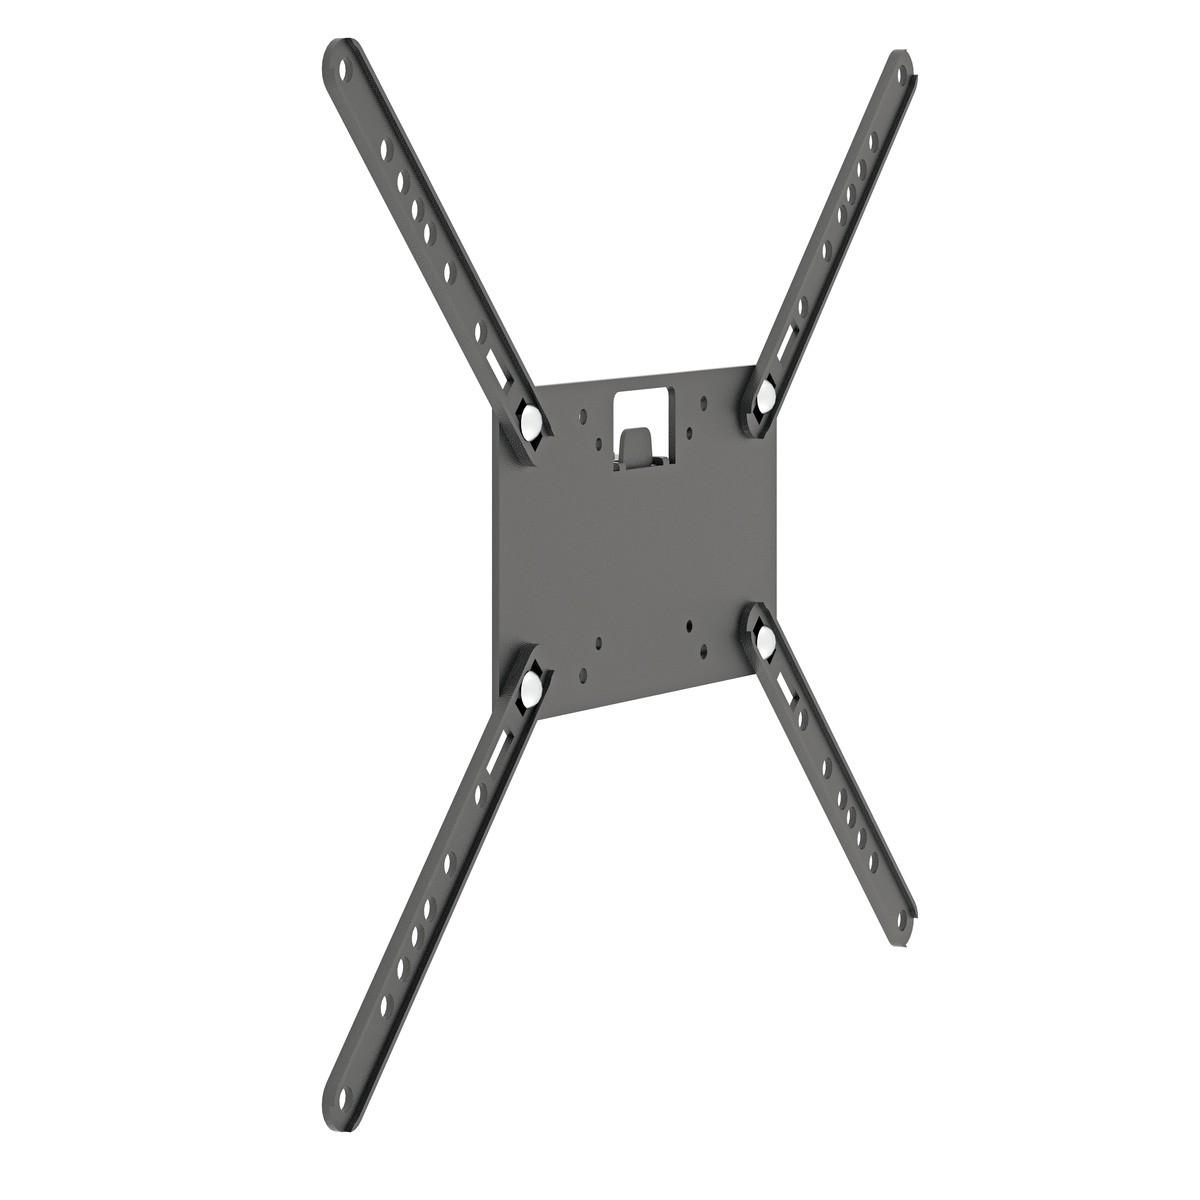 STPF 400 Suporte para TV LCD/PLASMA  DE 14 A 56 polegadas UNIVERSAL